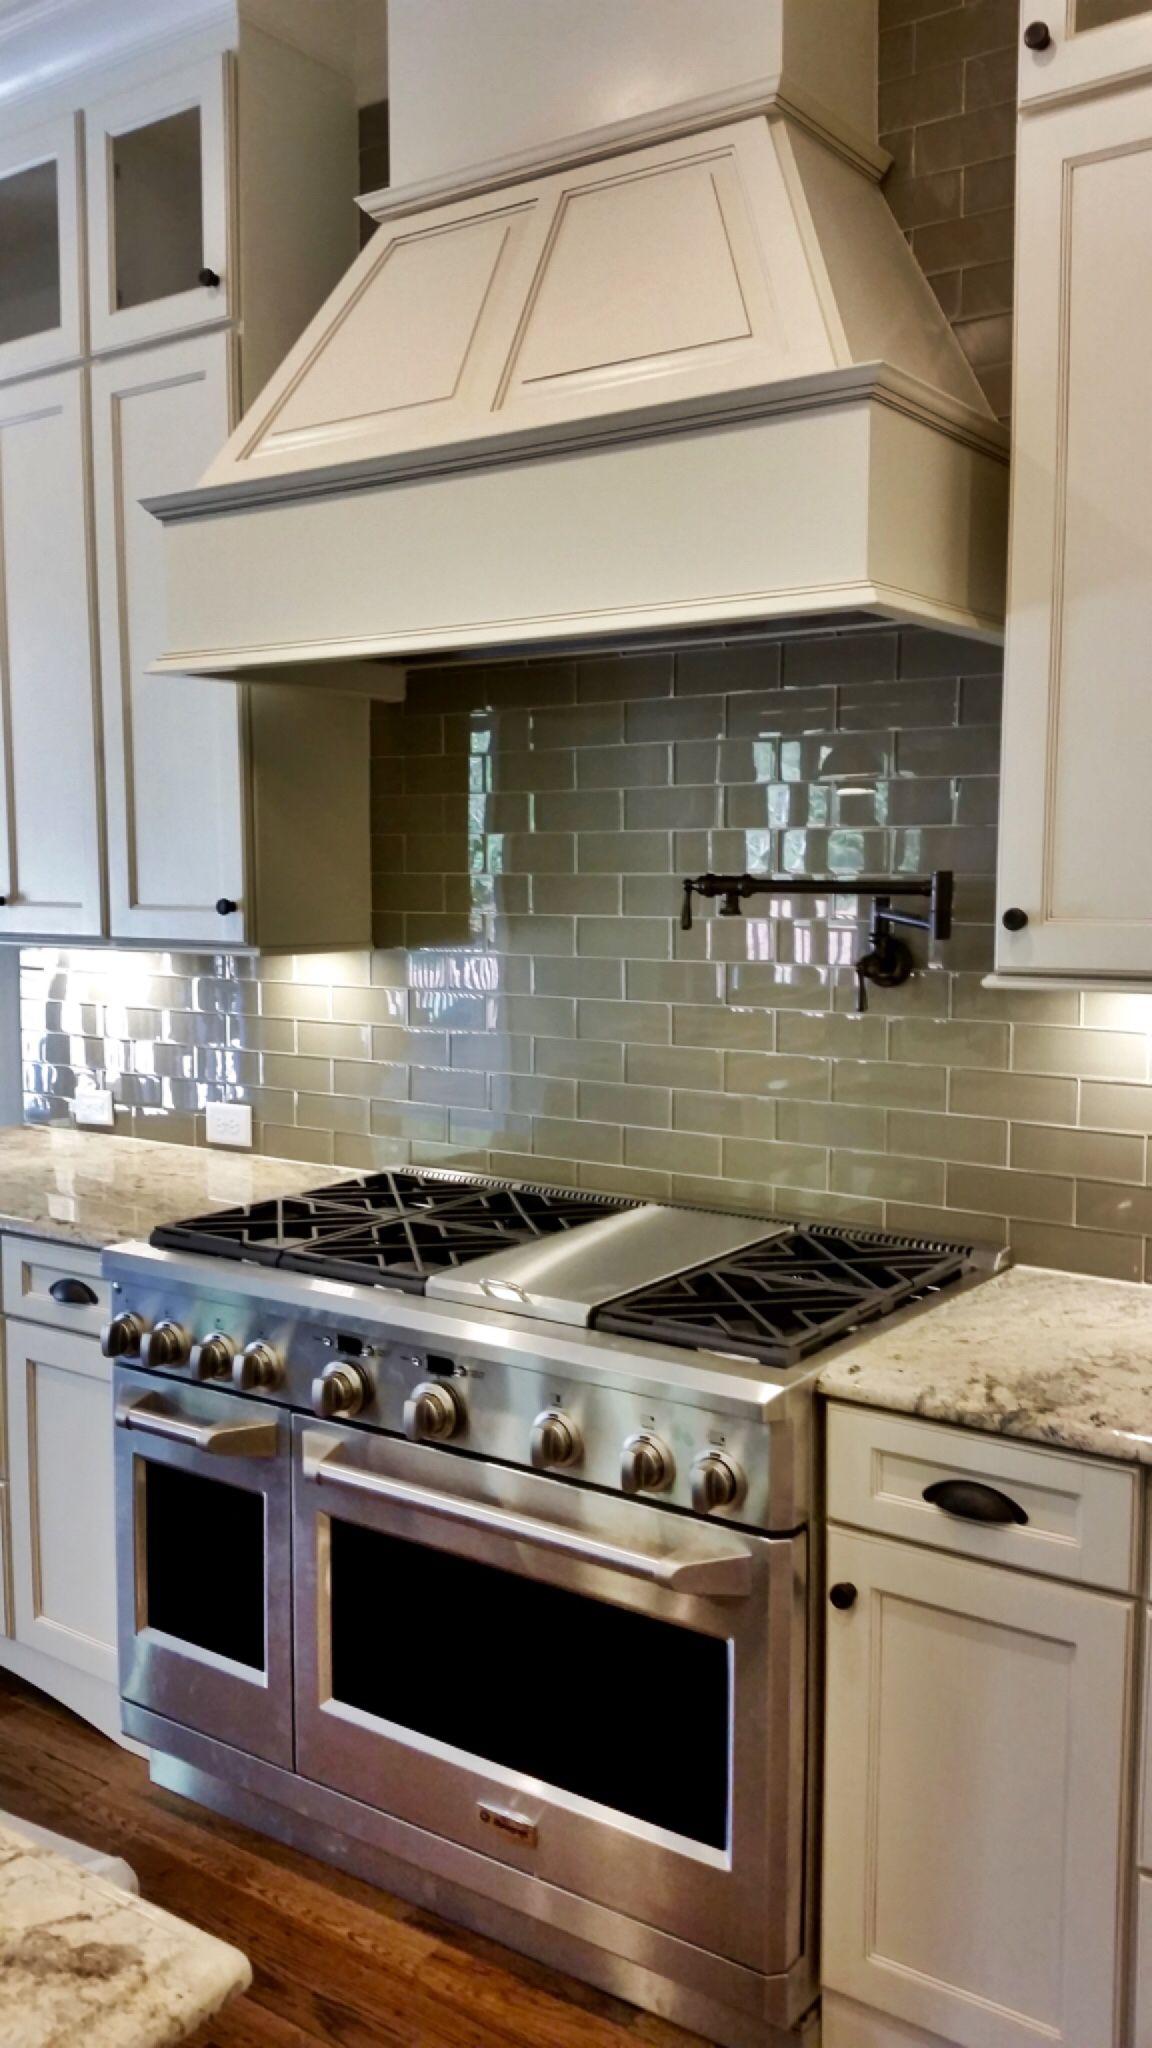 Raleigh Nc North Carolina Kitchen Kitchen Appliances Monogram Appliances